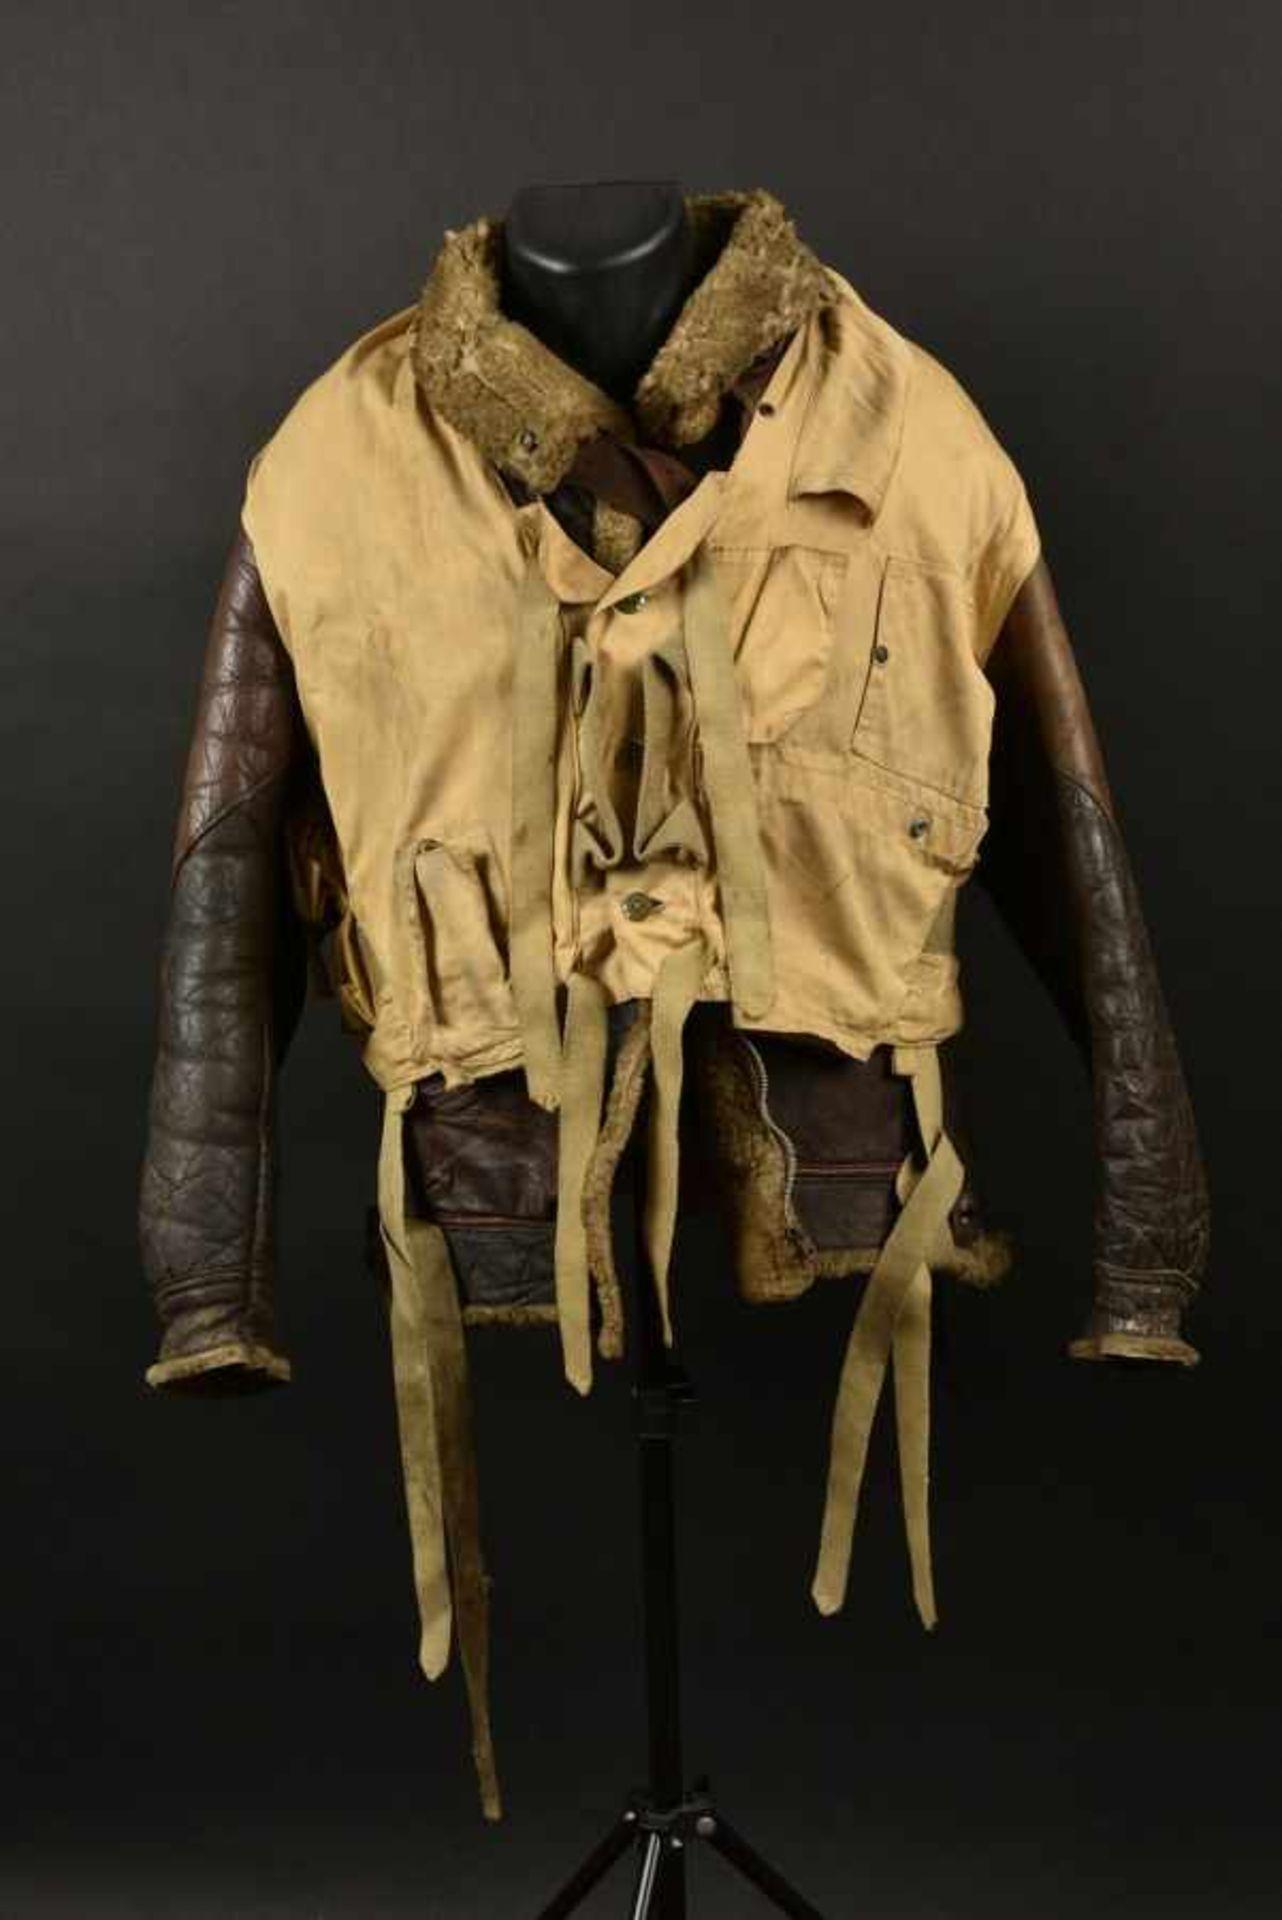 Blouson B3 et mae west provenant d'Ellon. B3 jacket and Mae West from EllonBlouson B3 en cuir